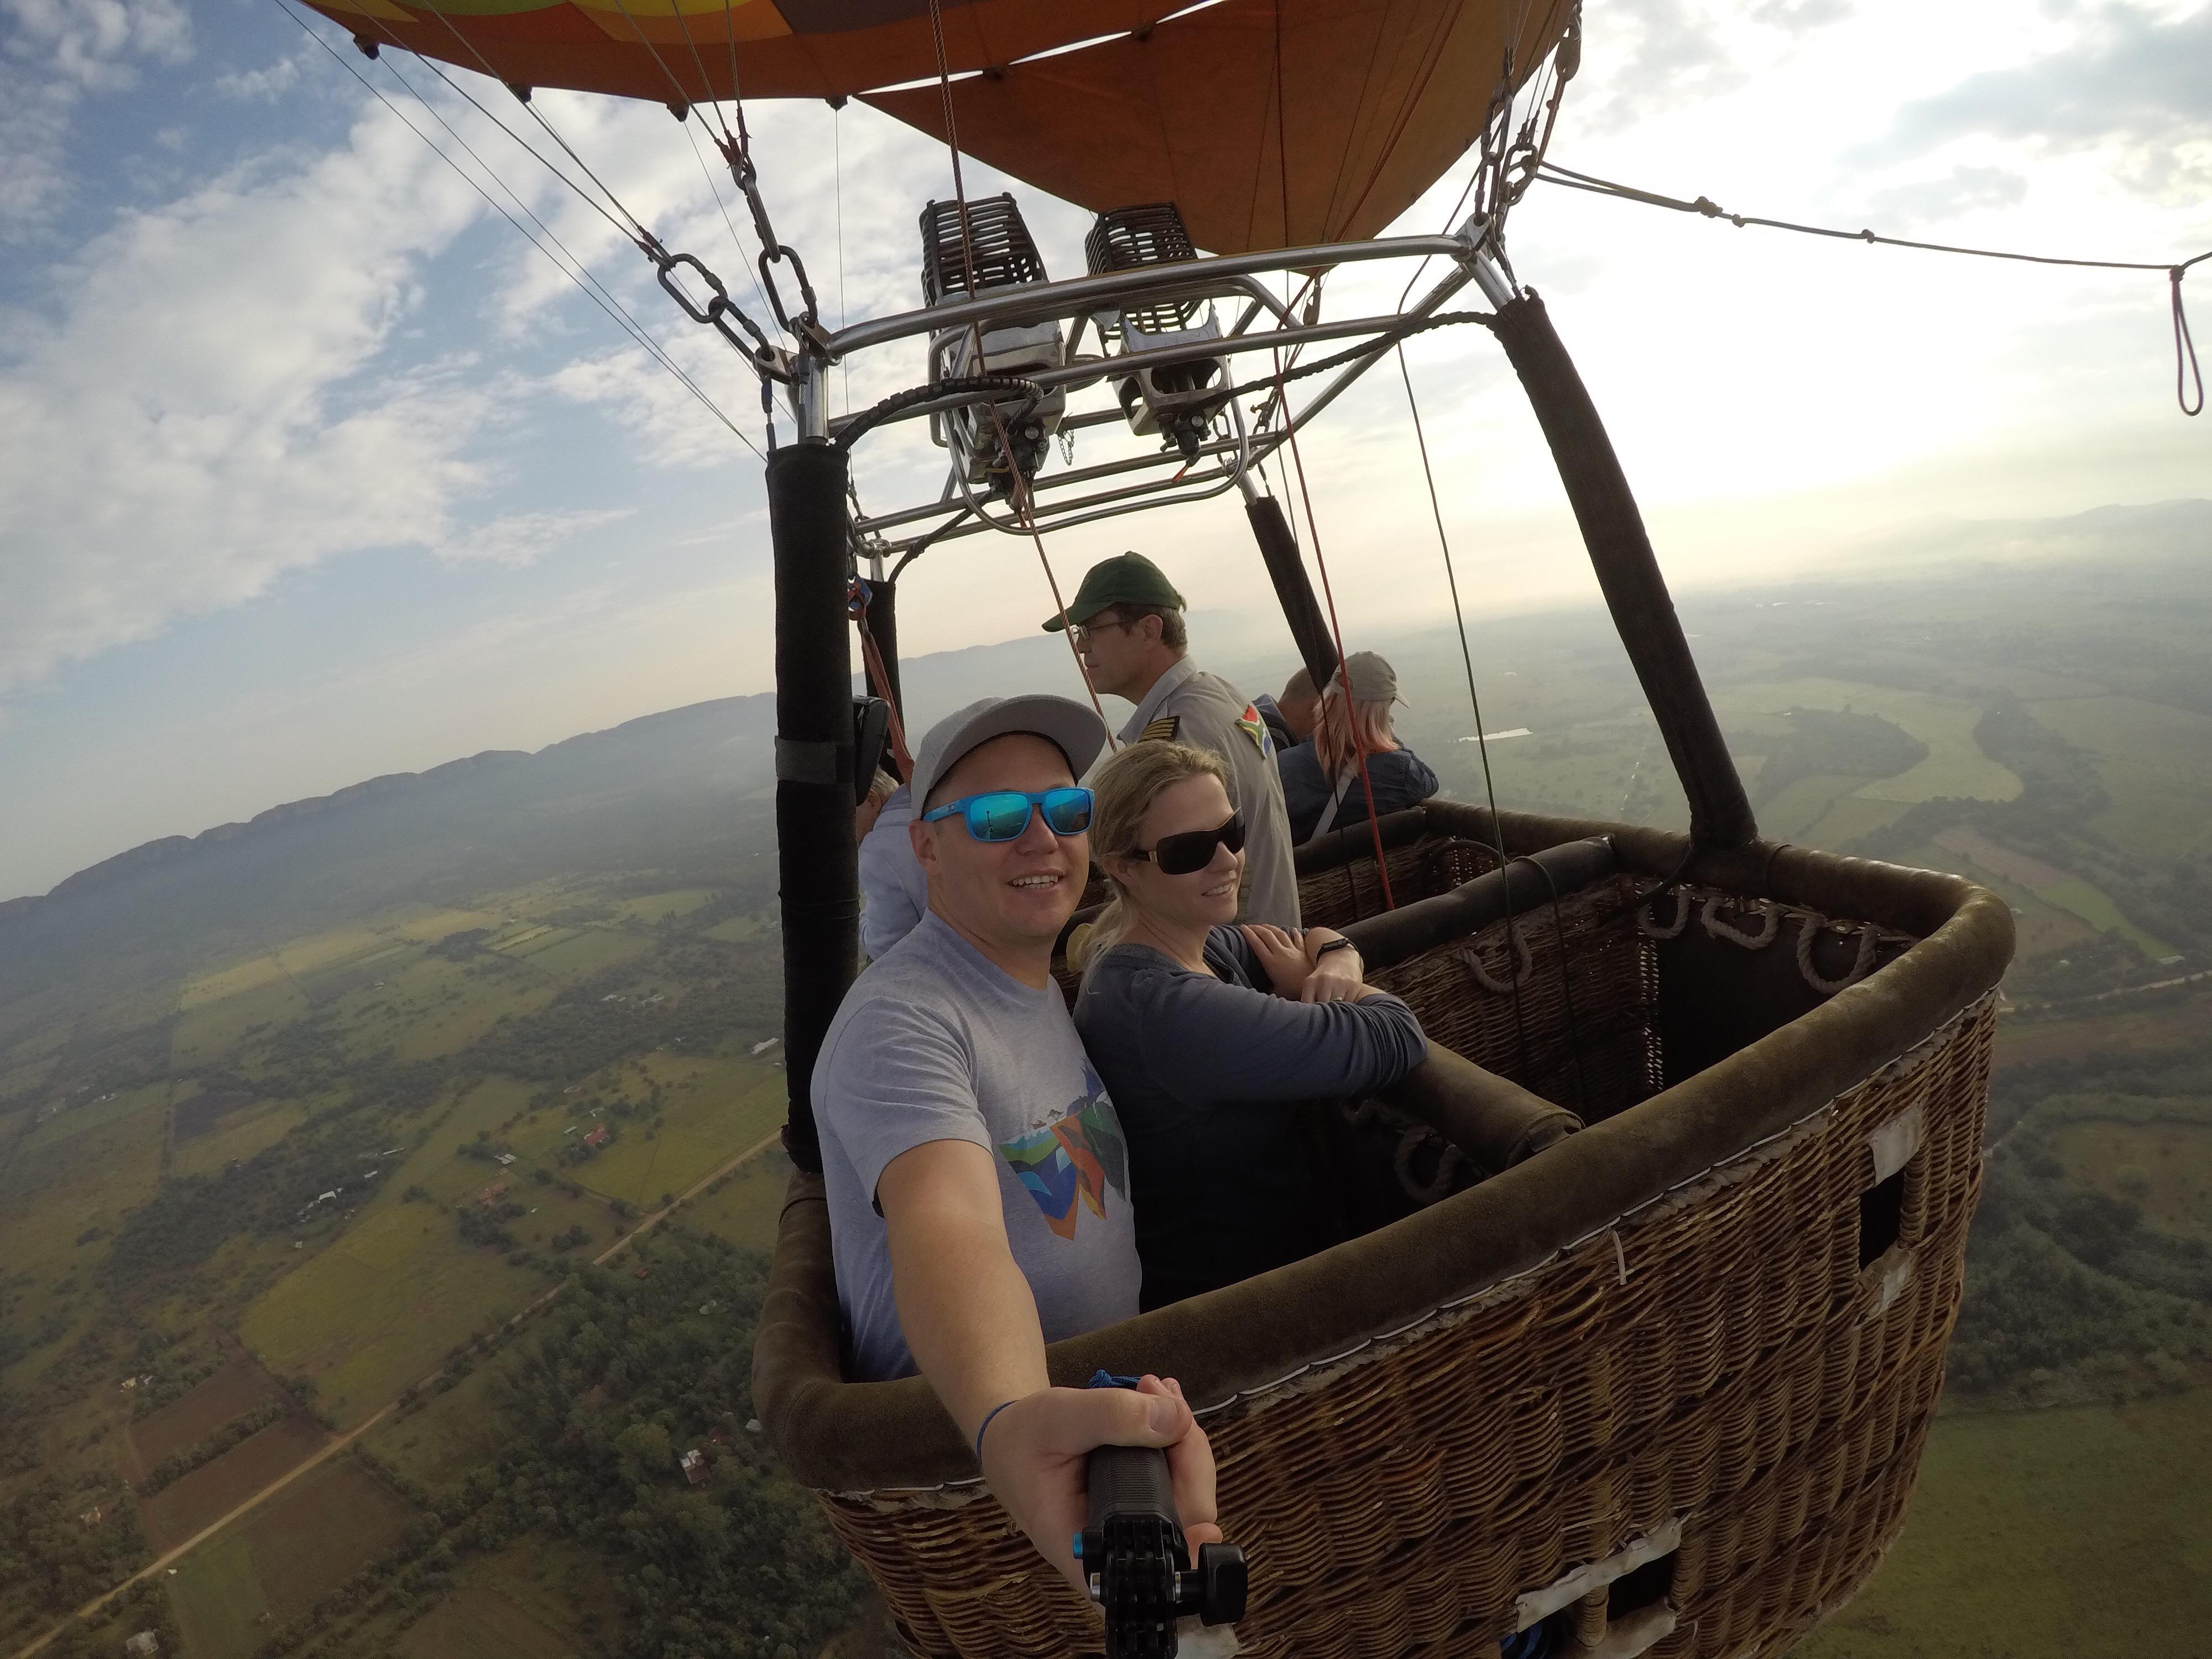 Hot air ballooning 2017